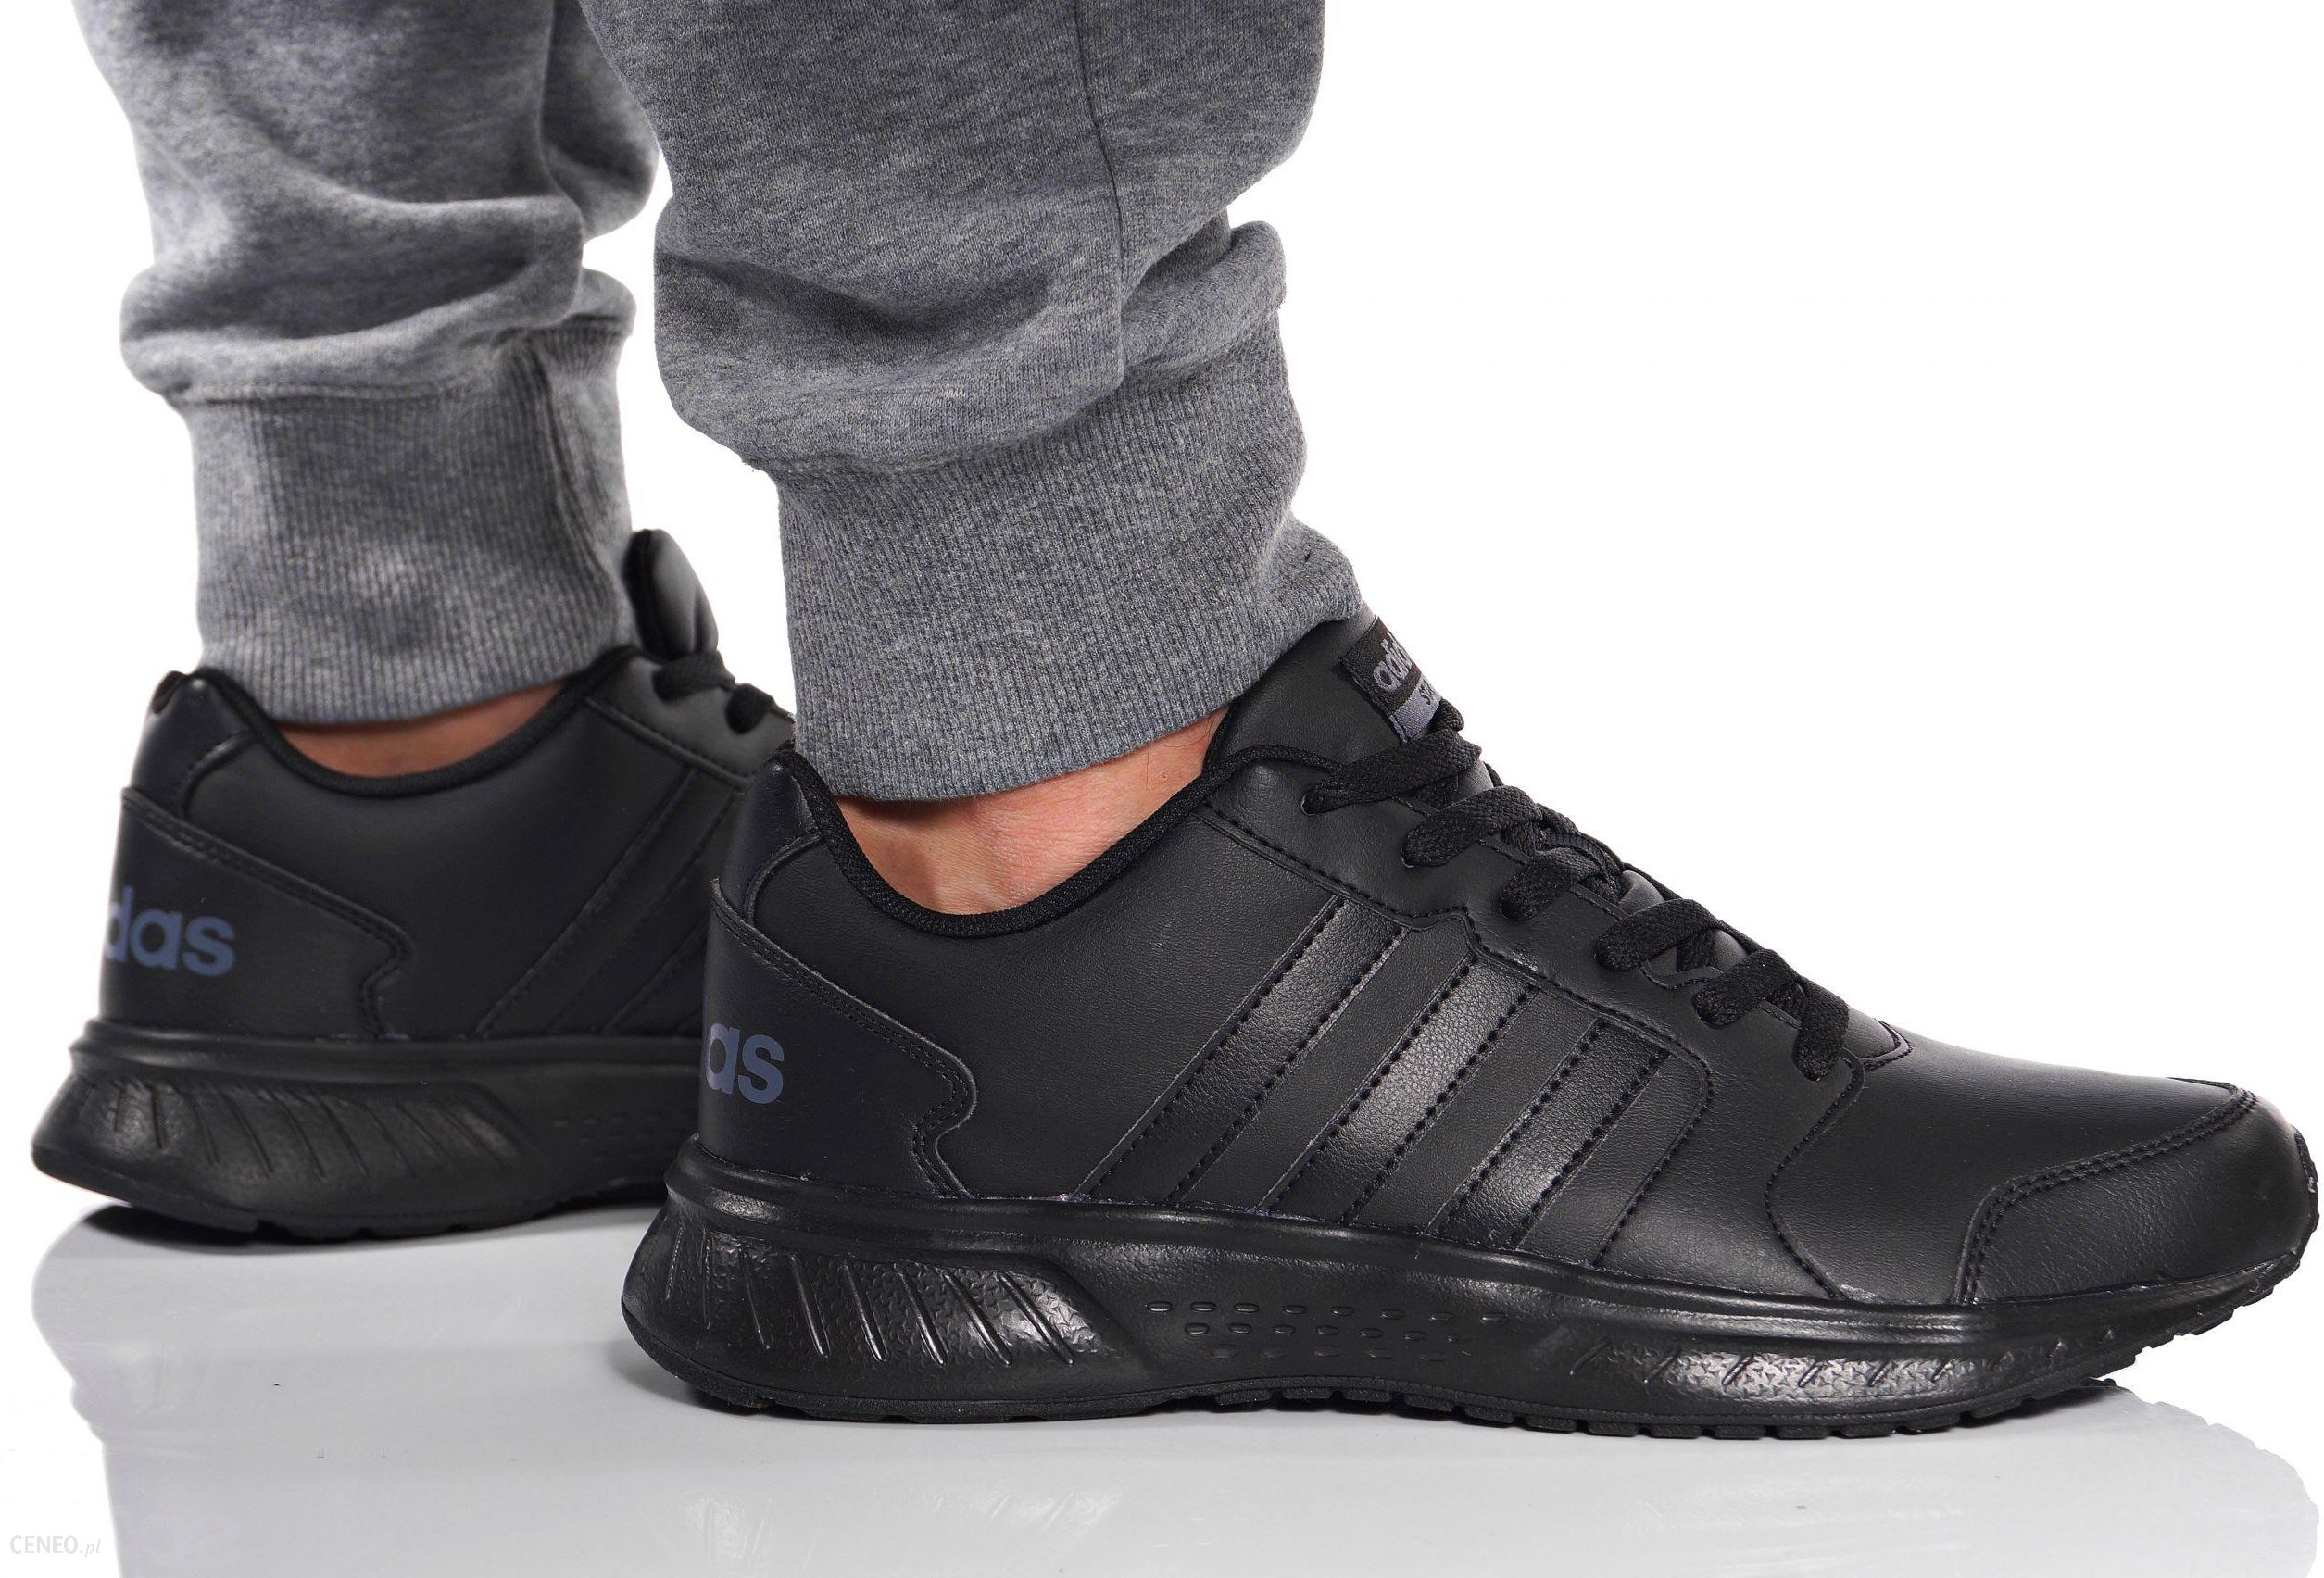 Buty adidas vs star męskie sportowe (aw3887) Zdjęcie na imgED